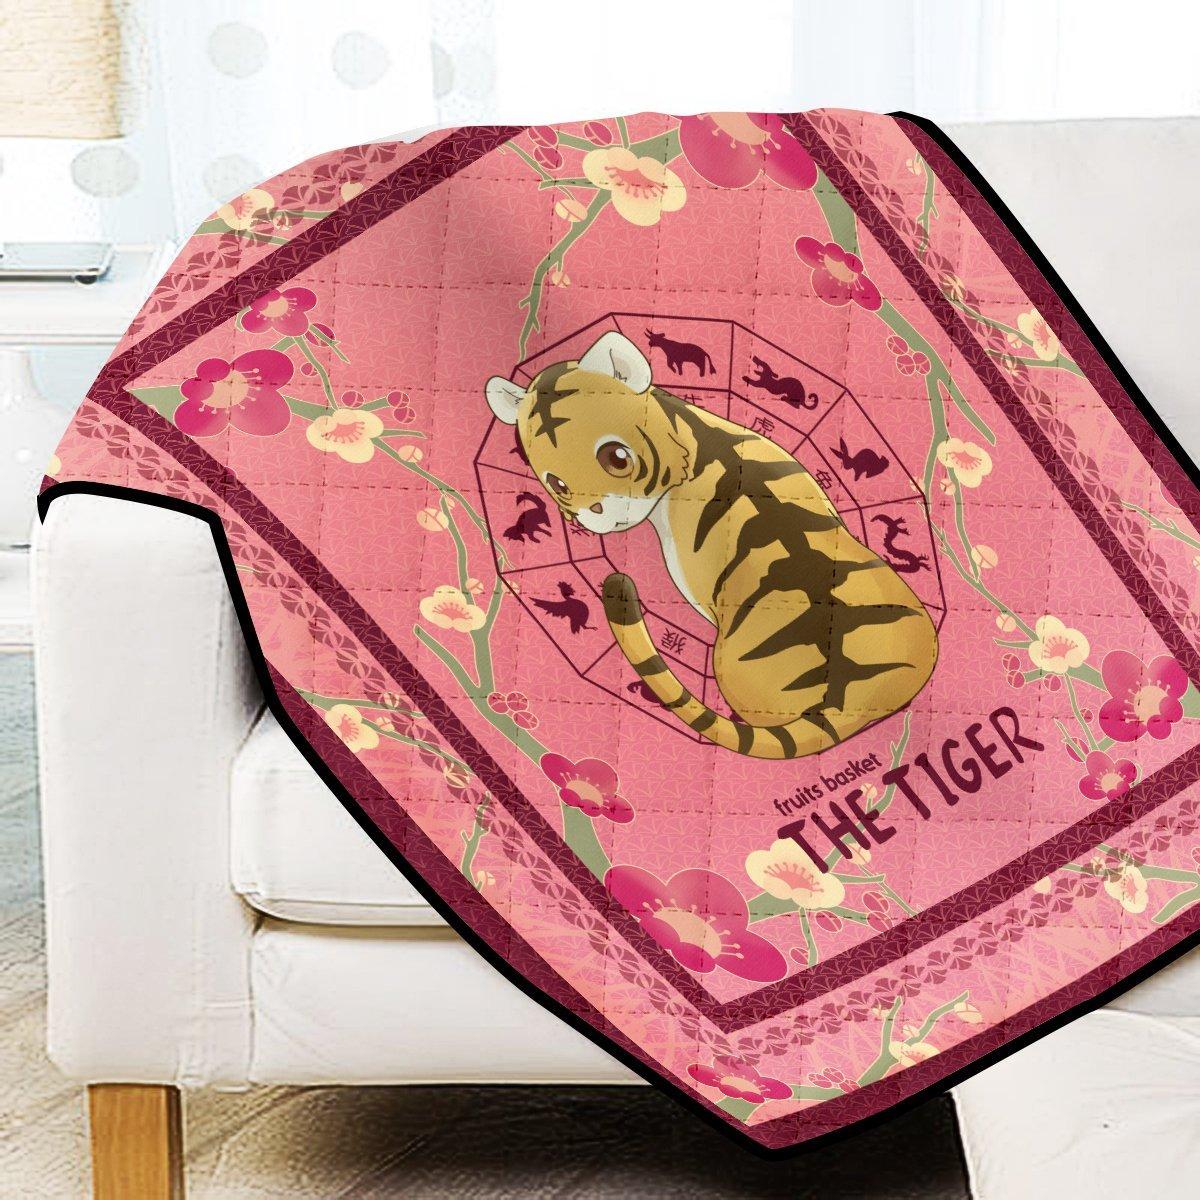 Kisa the Tiger Quilt Blanket Official Merch FDM3009 Twin Official Otaku Treat Merch